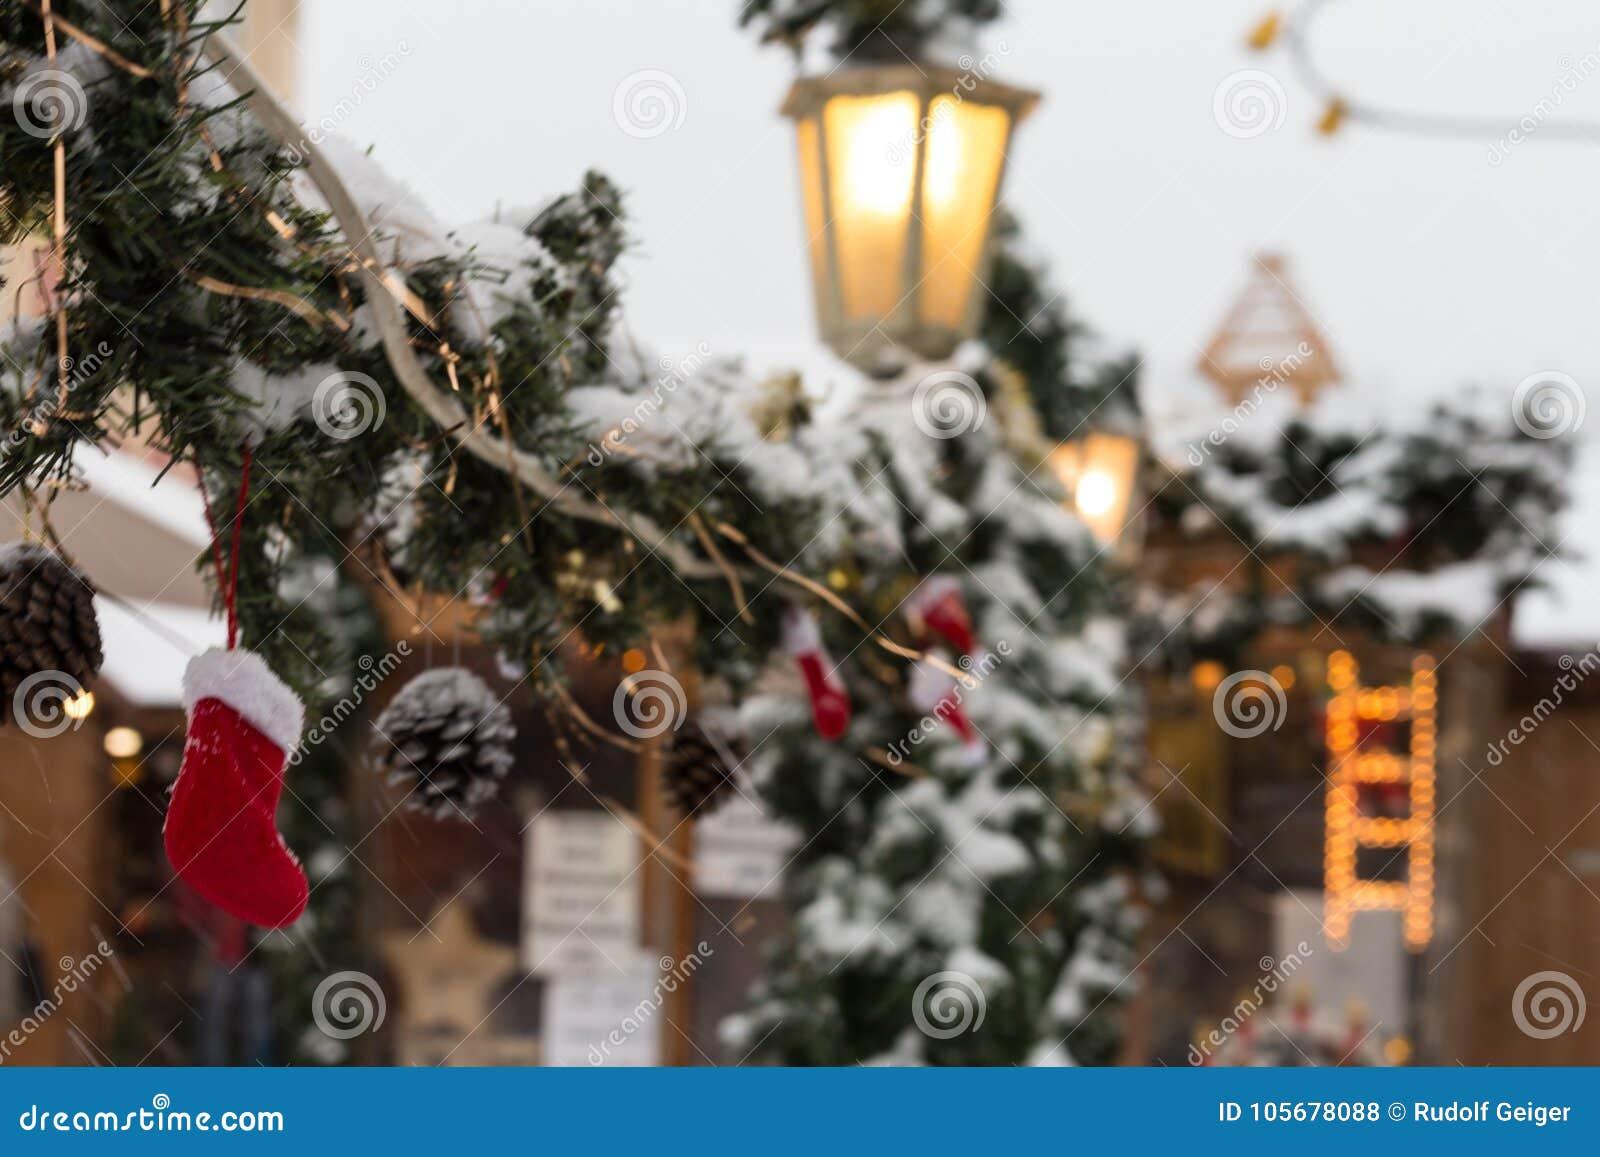 Snöfall på jul marknadsför med ljuslampor och garnering in